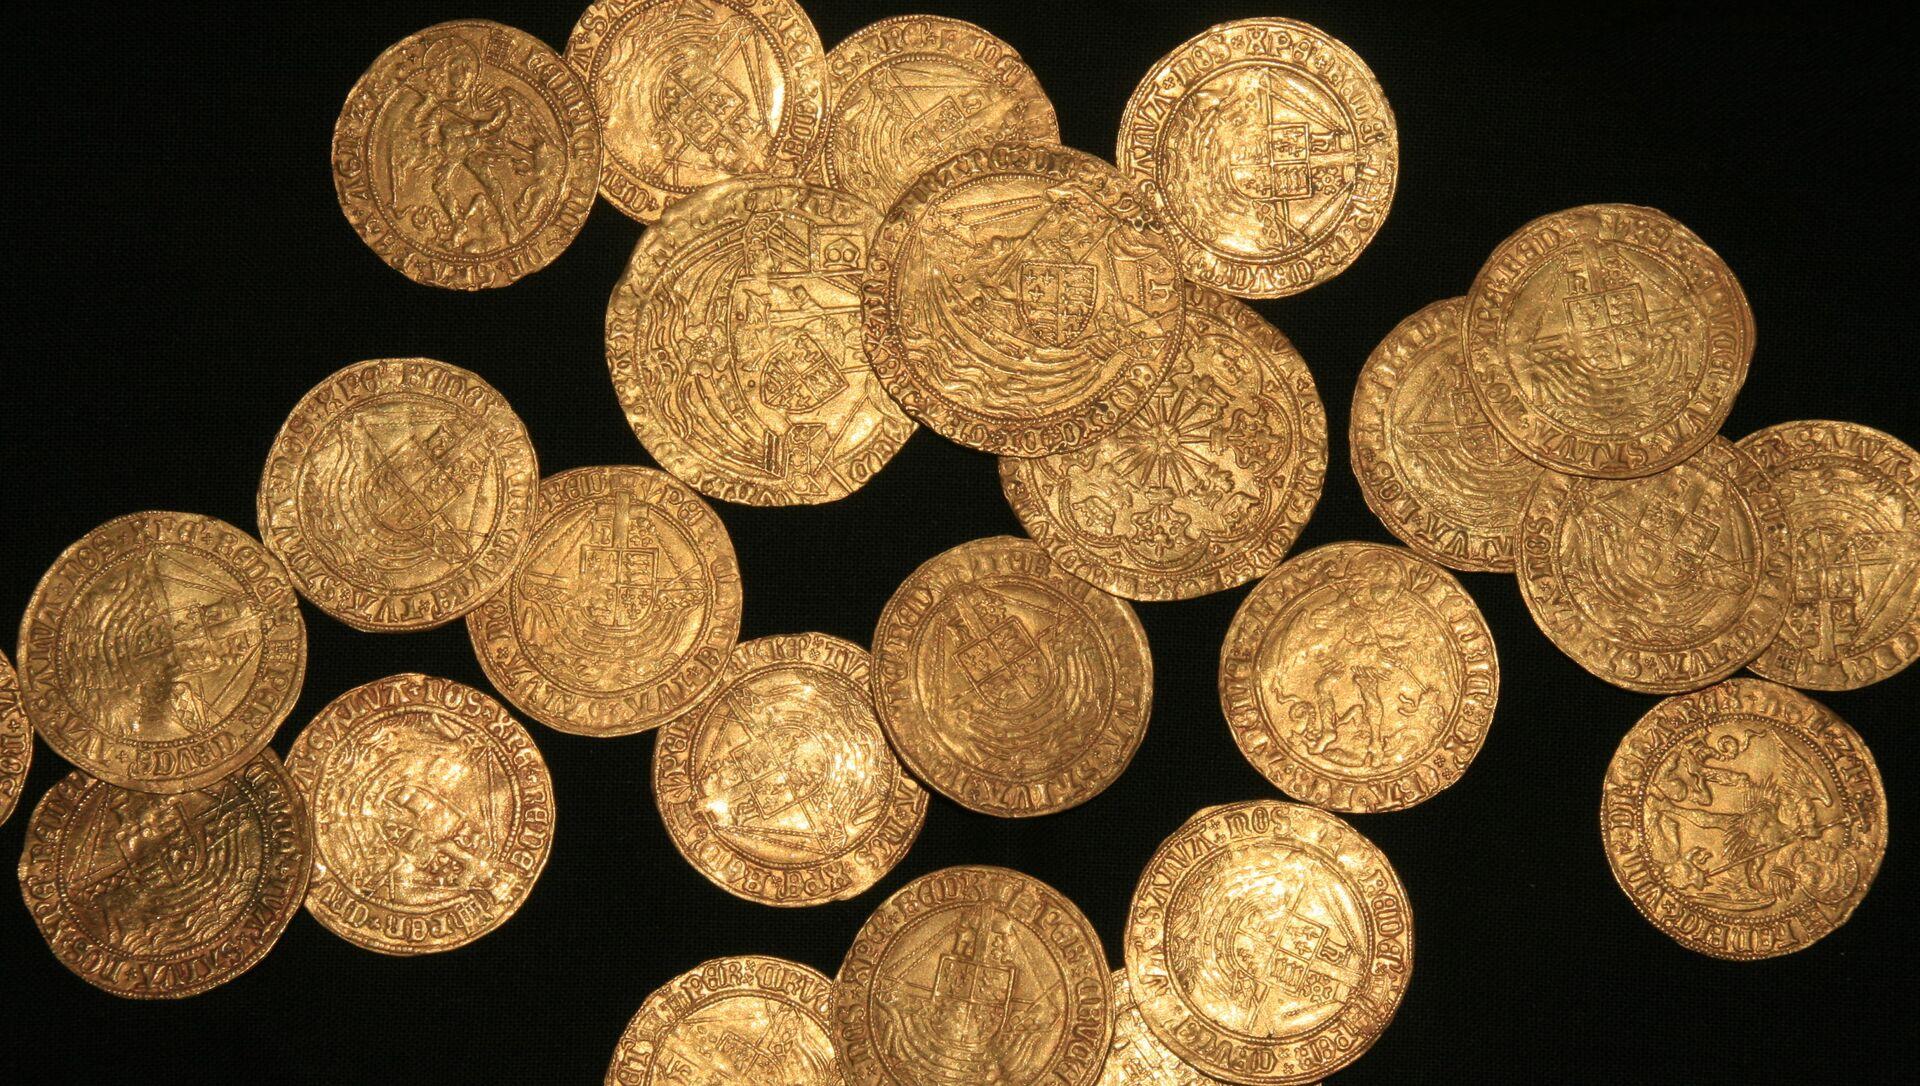 Unas monedas de oro de la época de la dinastía Tudor encontradas en un jardín en Inglaterra - Sputnik Mundo, 1920, 12.12.2020